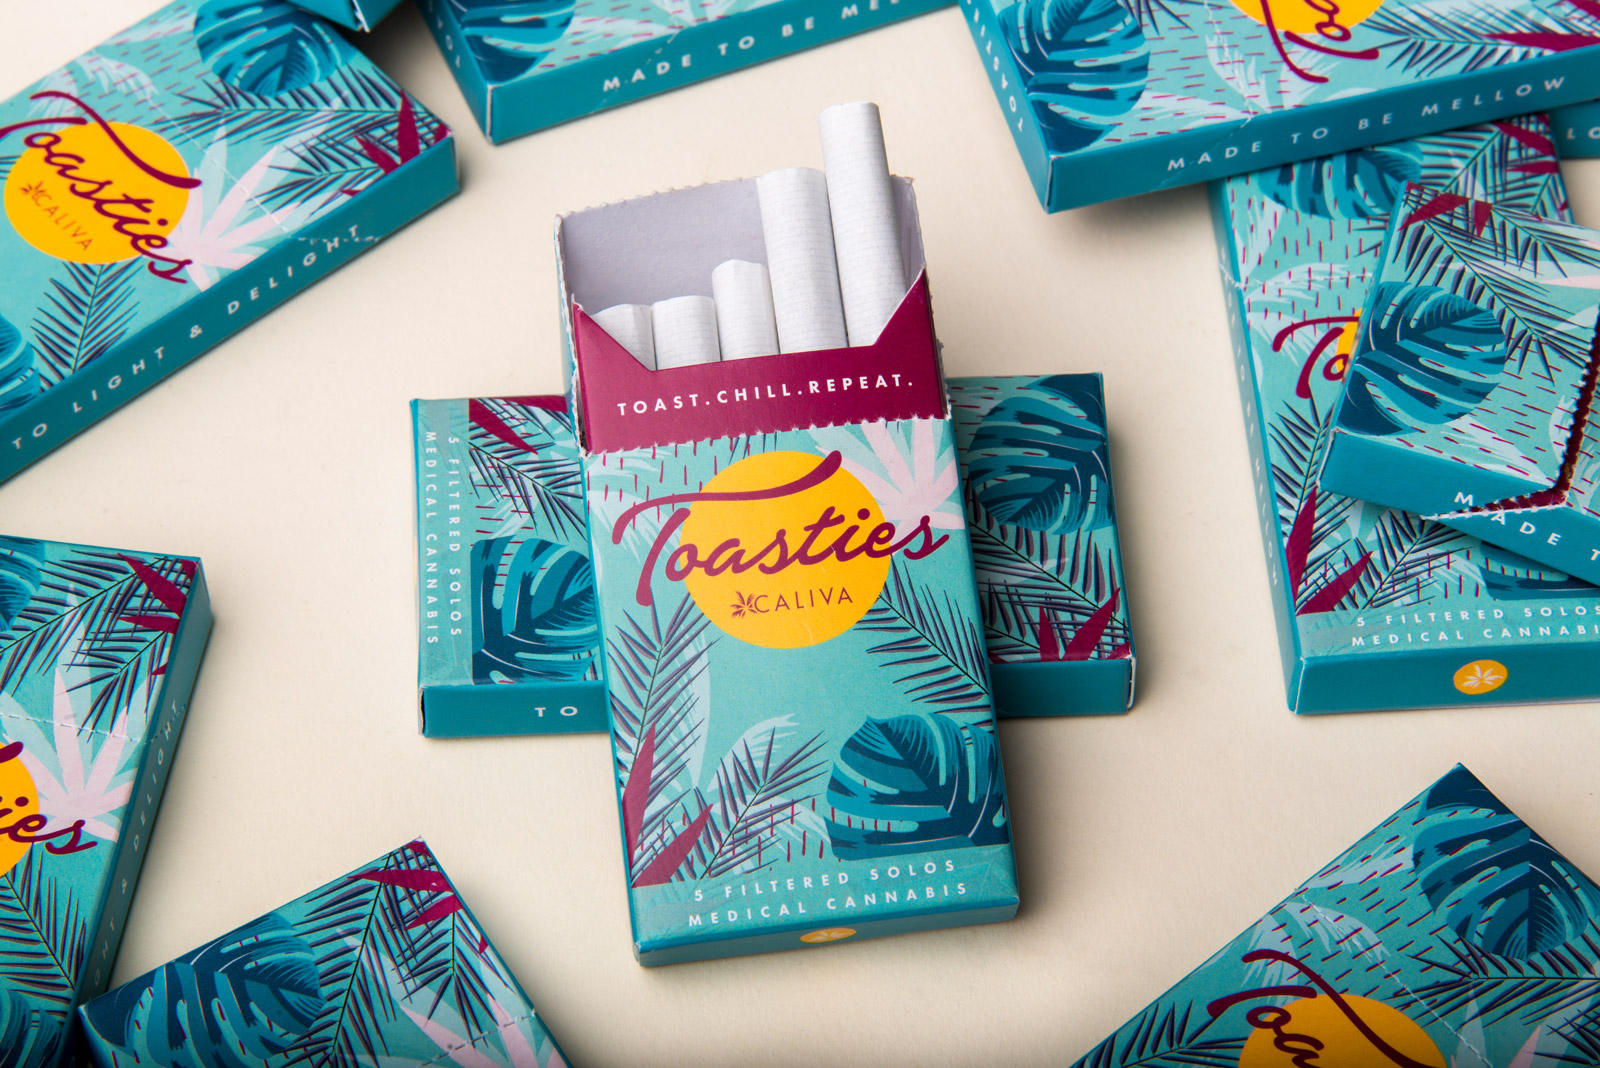 Caliva Toasties Pre-Roll - 5-Pack